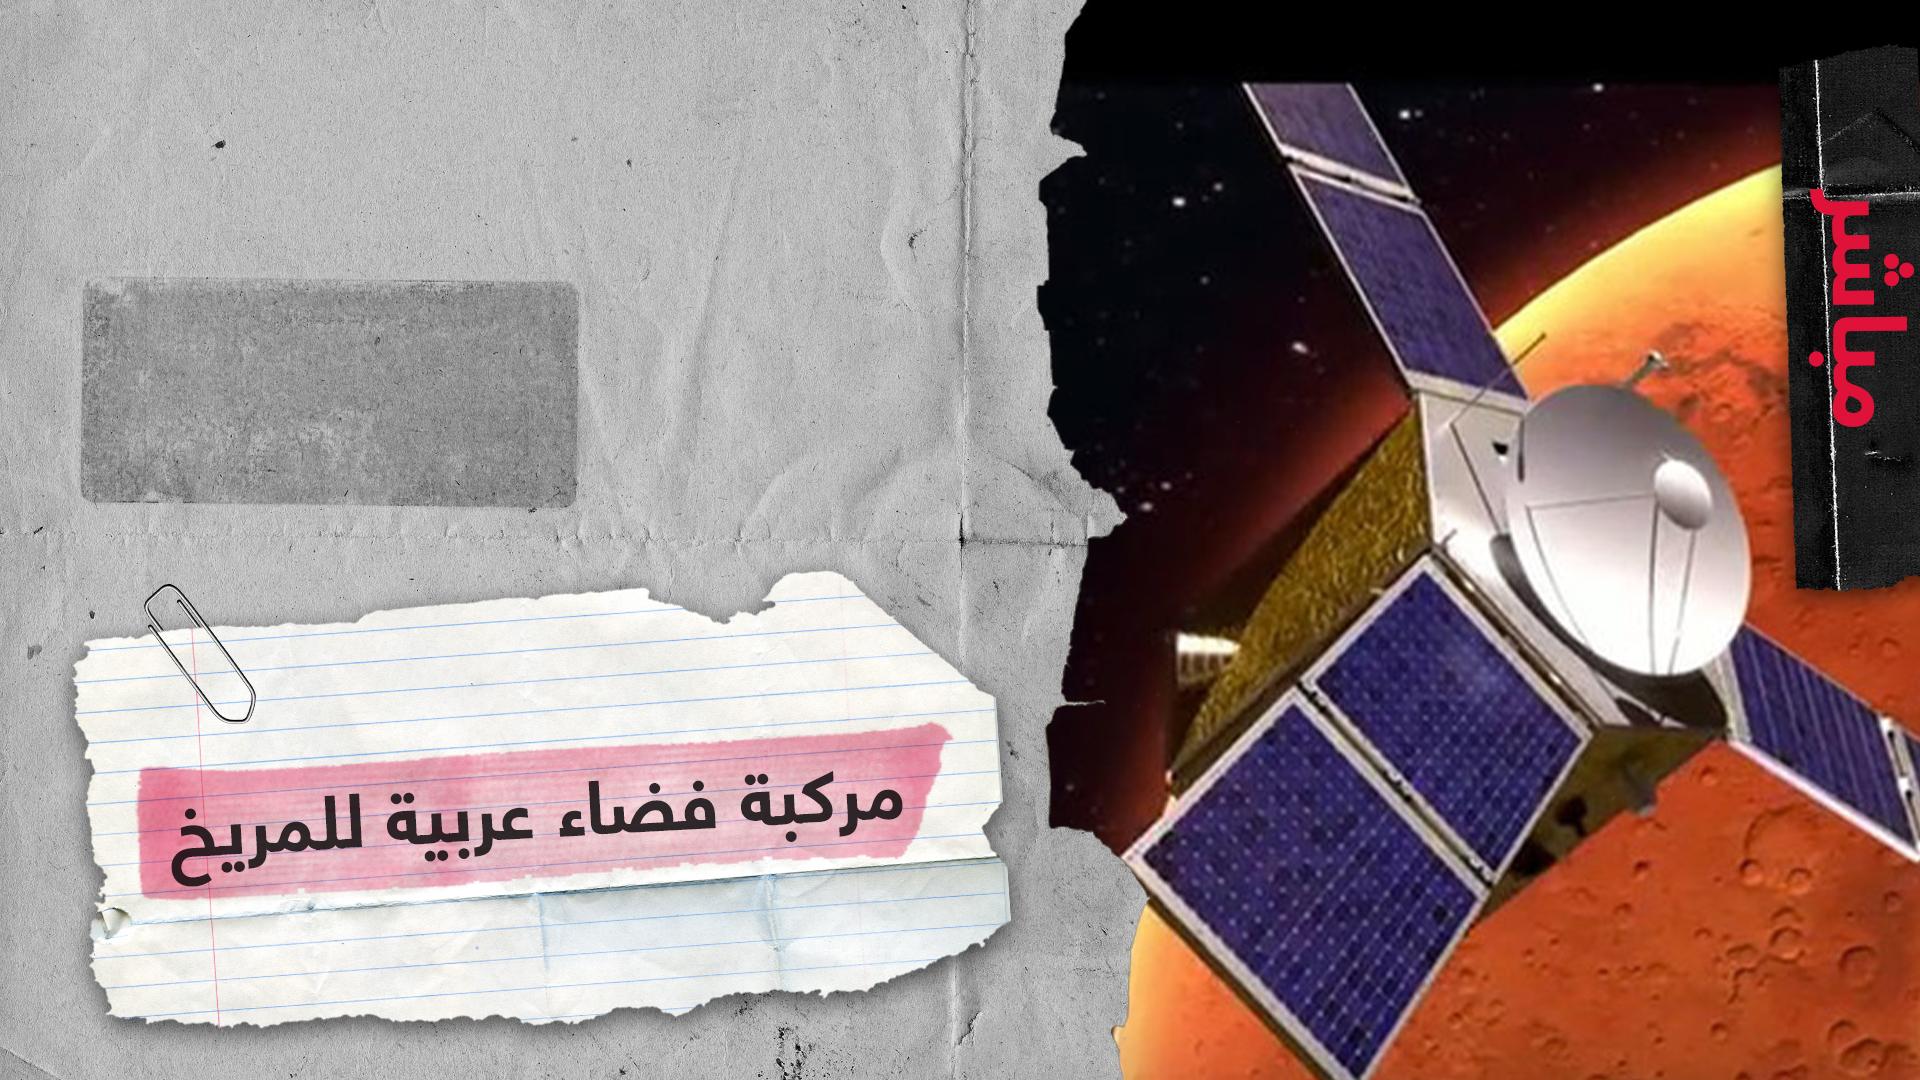 الإمارات تستعد لأول مهمة فضائية عربية لكوكب المريخ